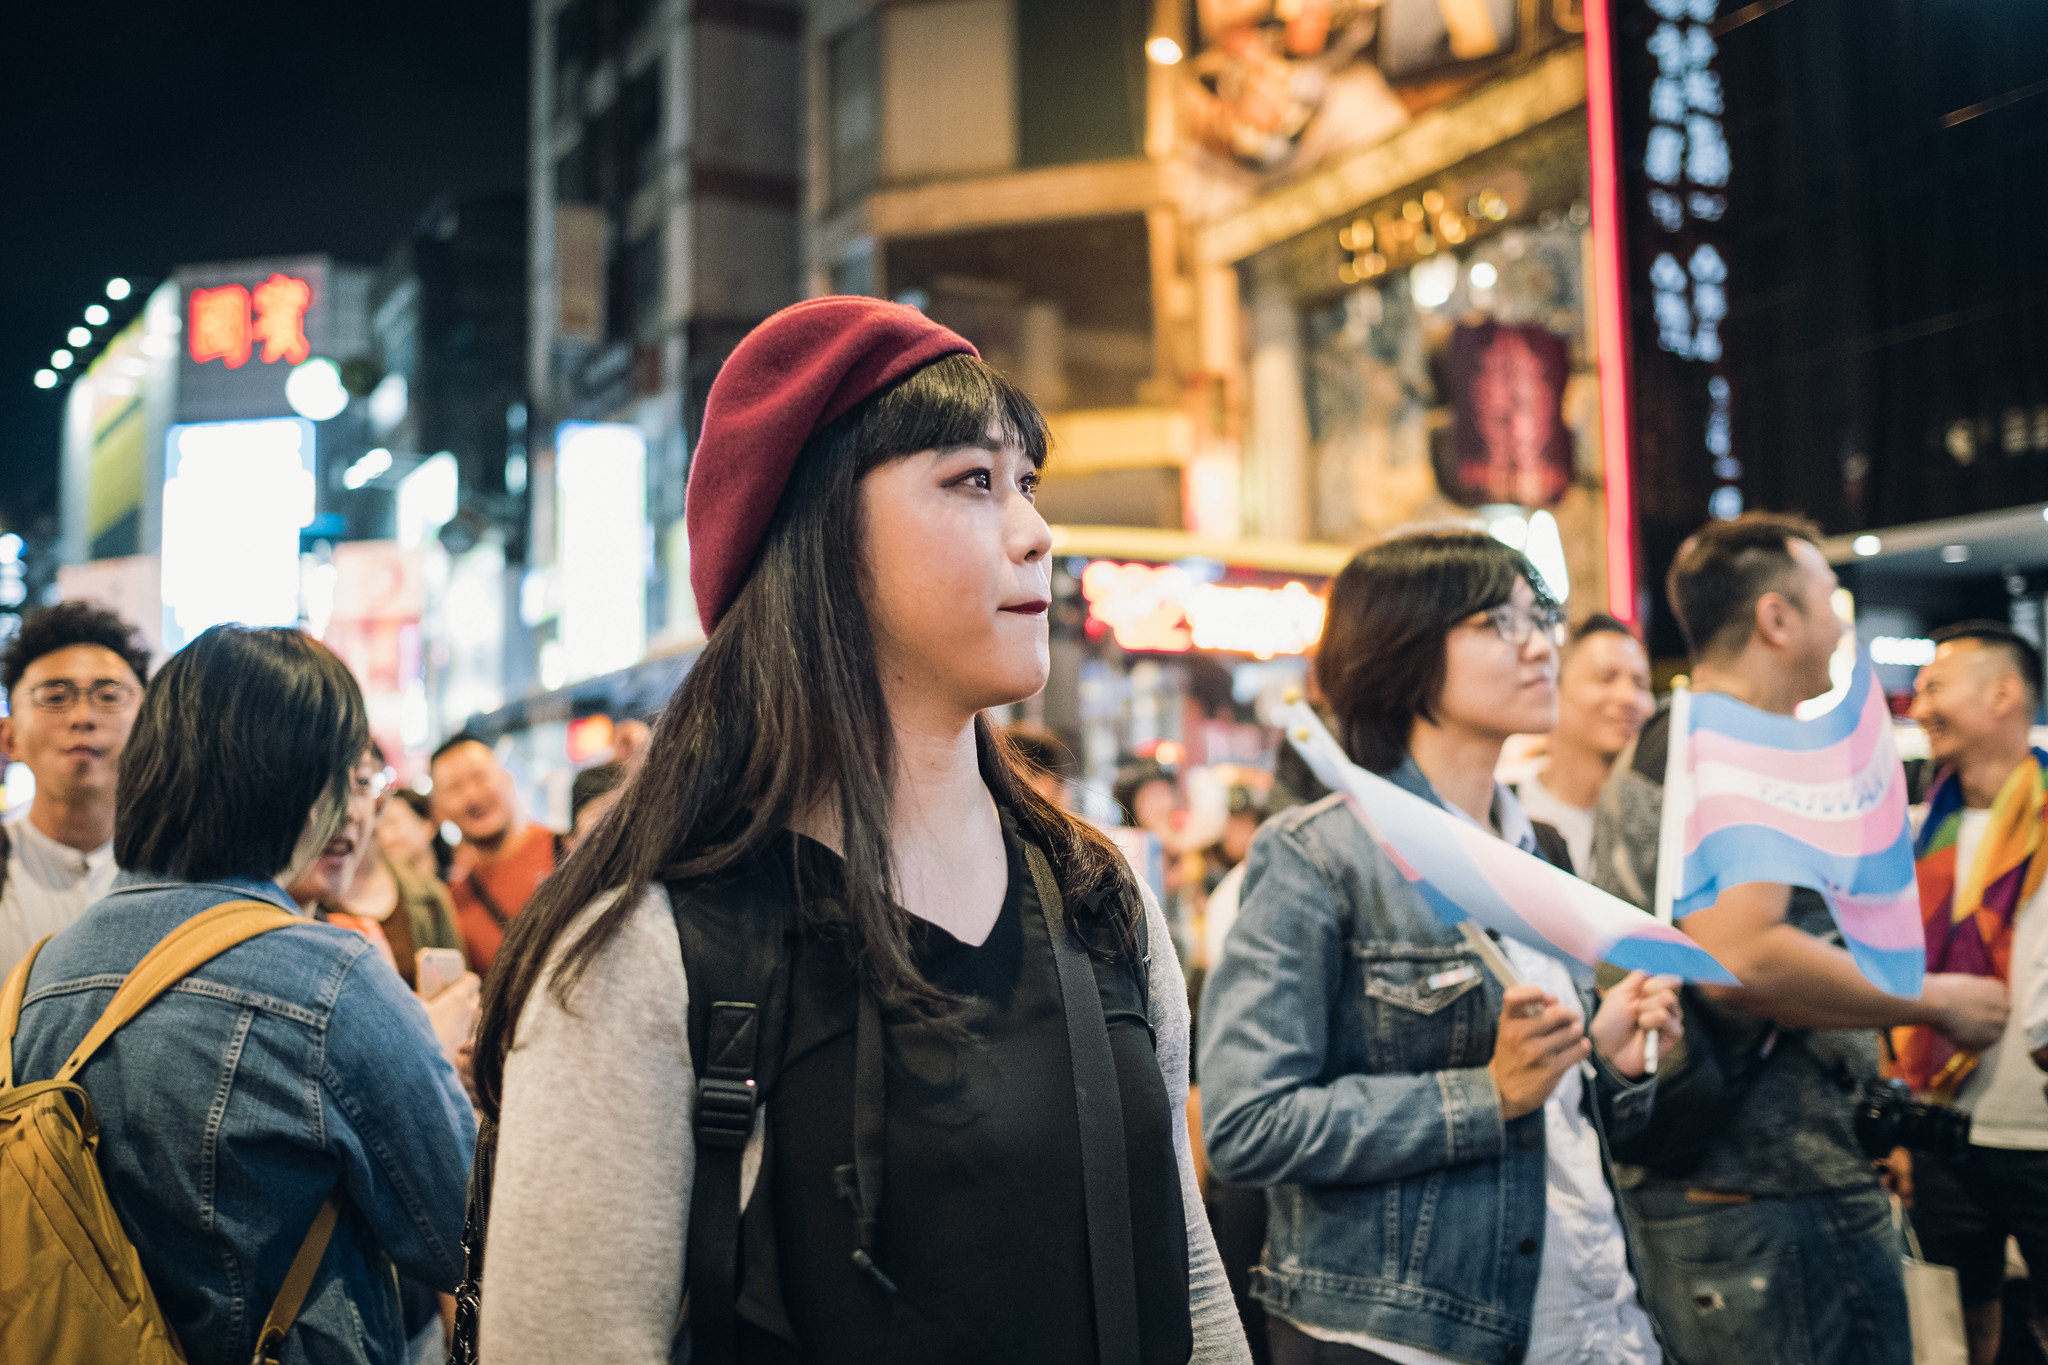 【圖輯】參與首屆跨性別遊行的人們   苦勞網